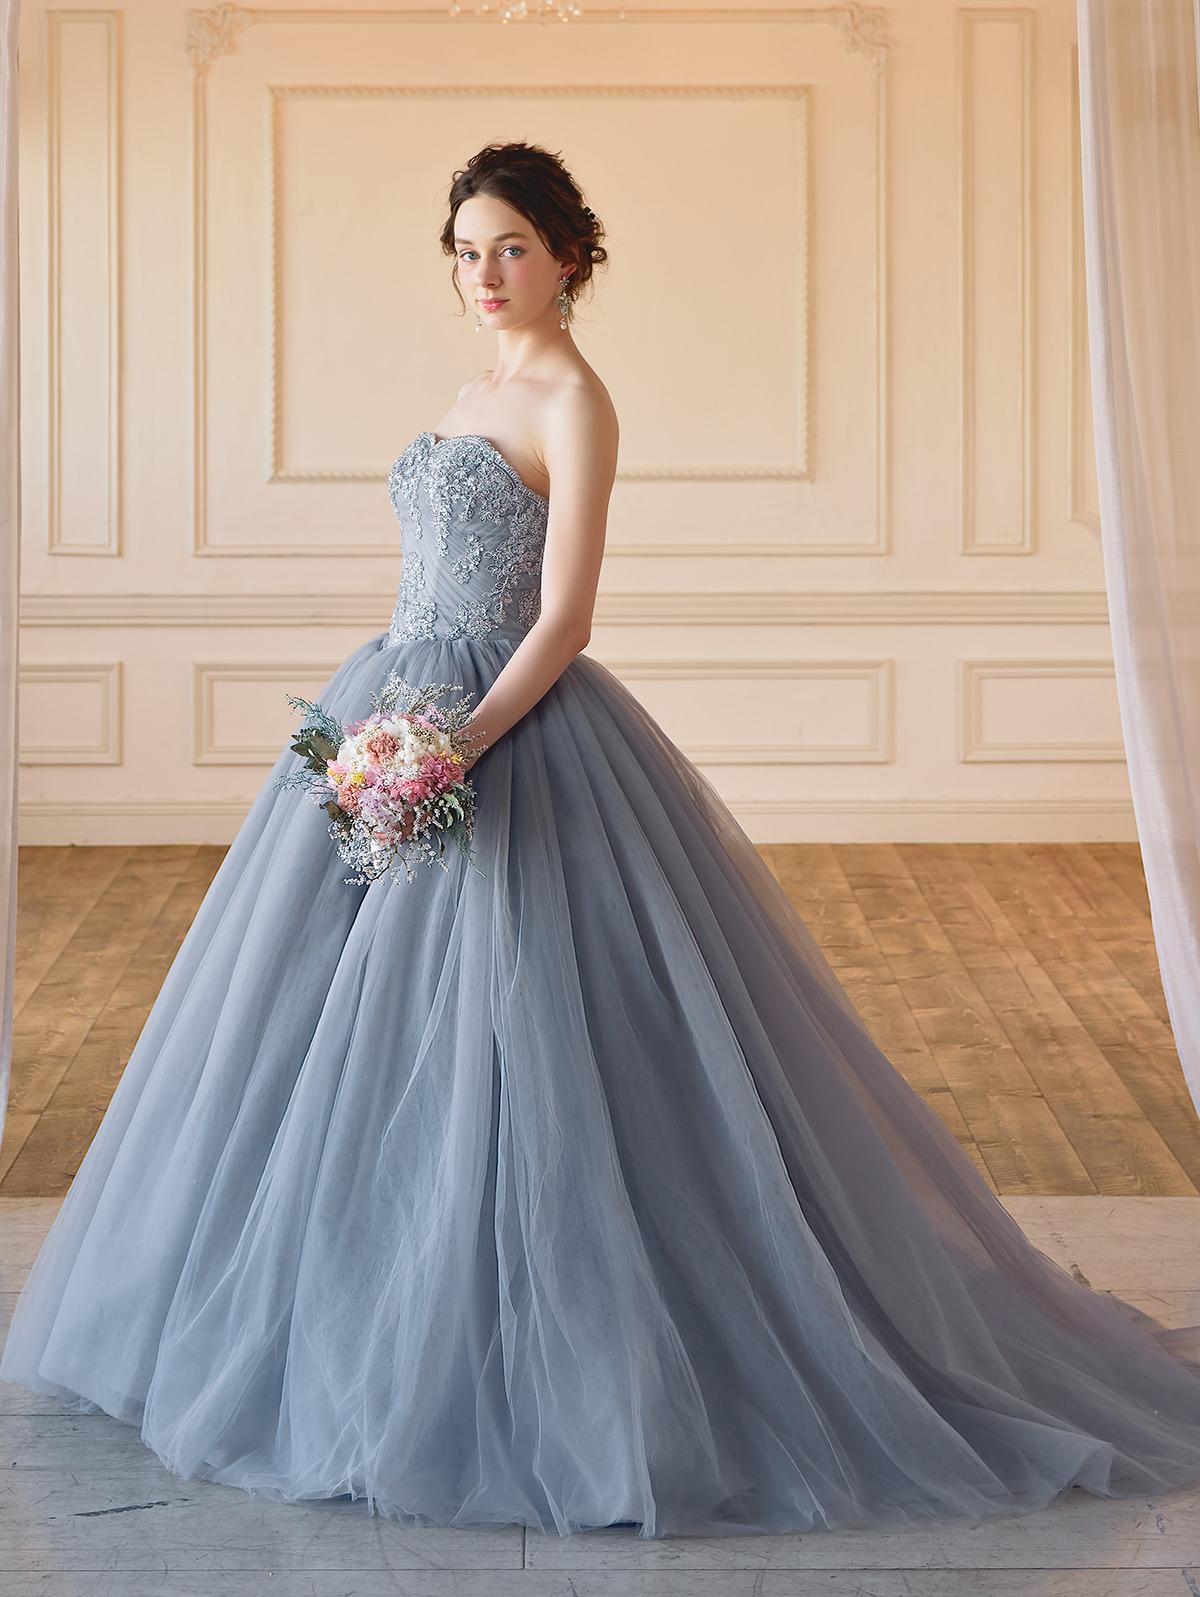 カラードレスグレー カラードレスシック カラードレス大人 ホテルウェディングドレス